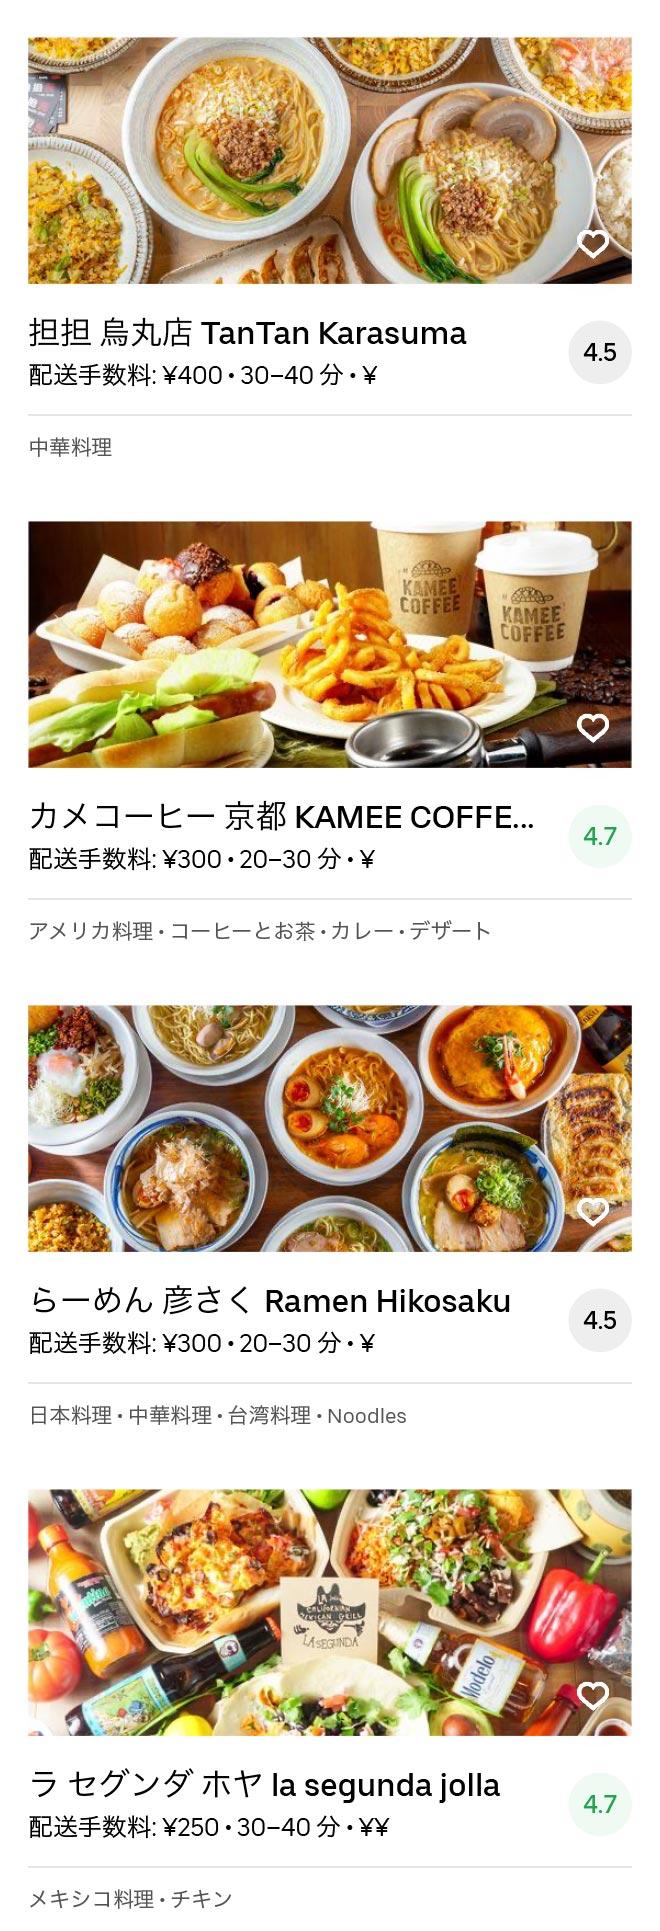 Kyoto hanazono menu 2005 09